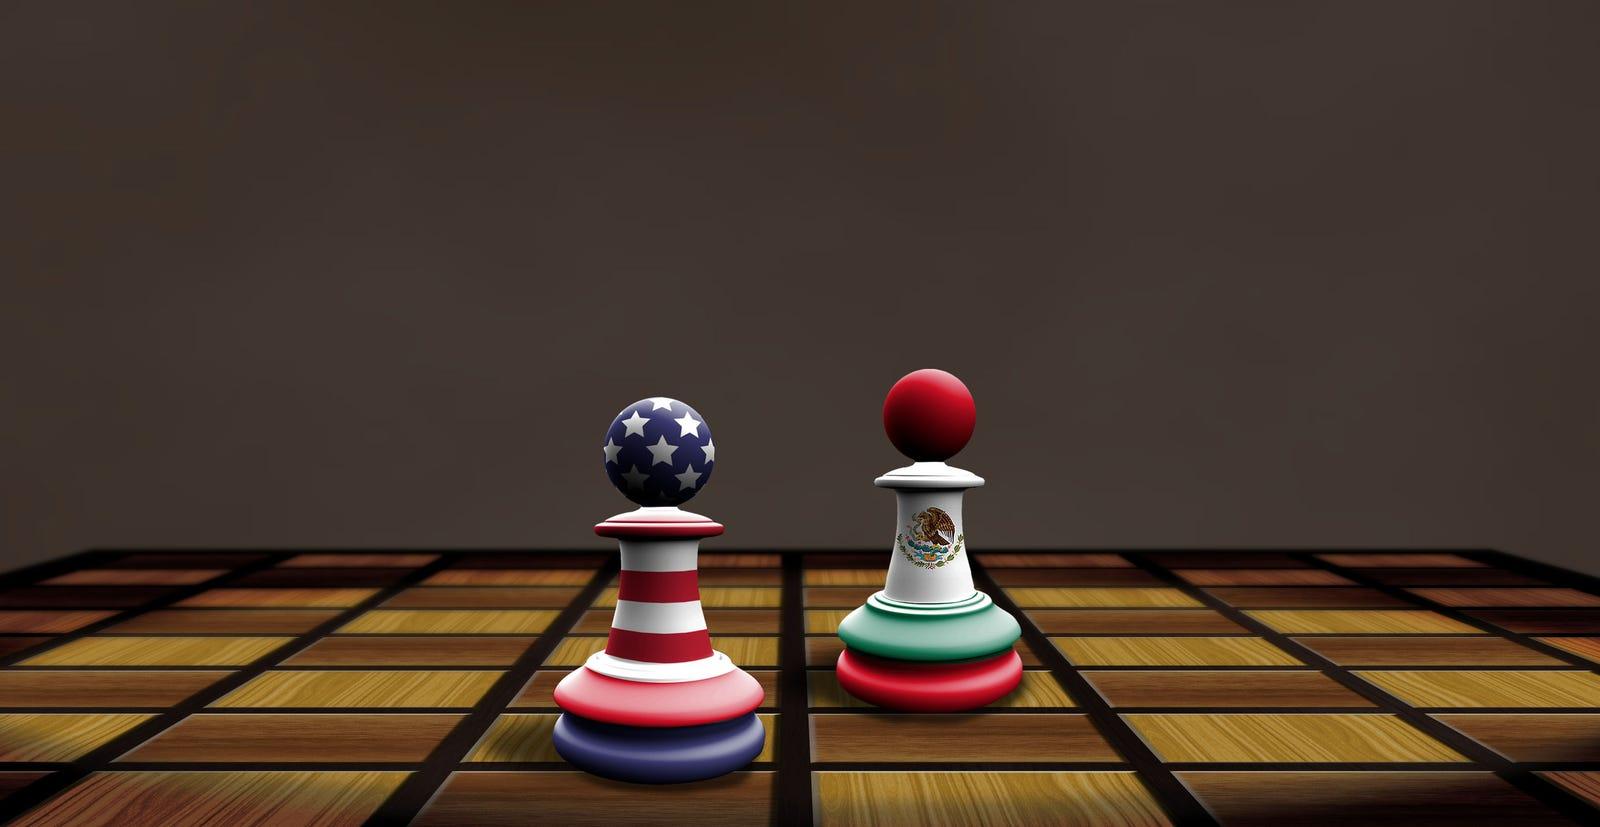 https://www.gannett-cdn.com/indepth-static-assets/uploads/master/7093743002/9d0f7bf1-4a62-4a7d-967d-50916e1a3ed7-chessboard4.jpg